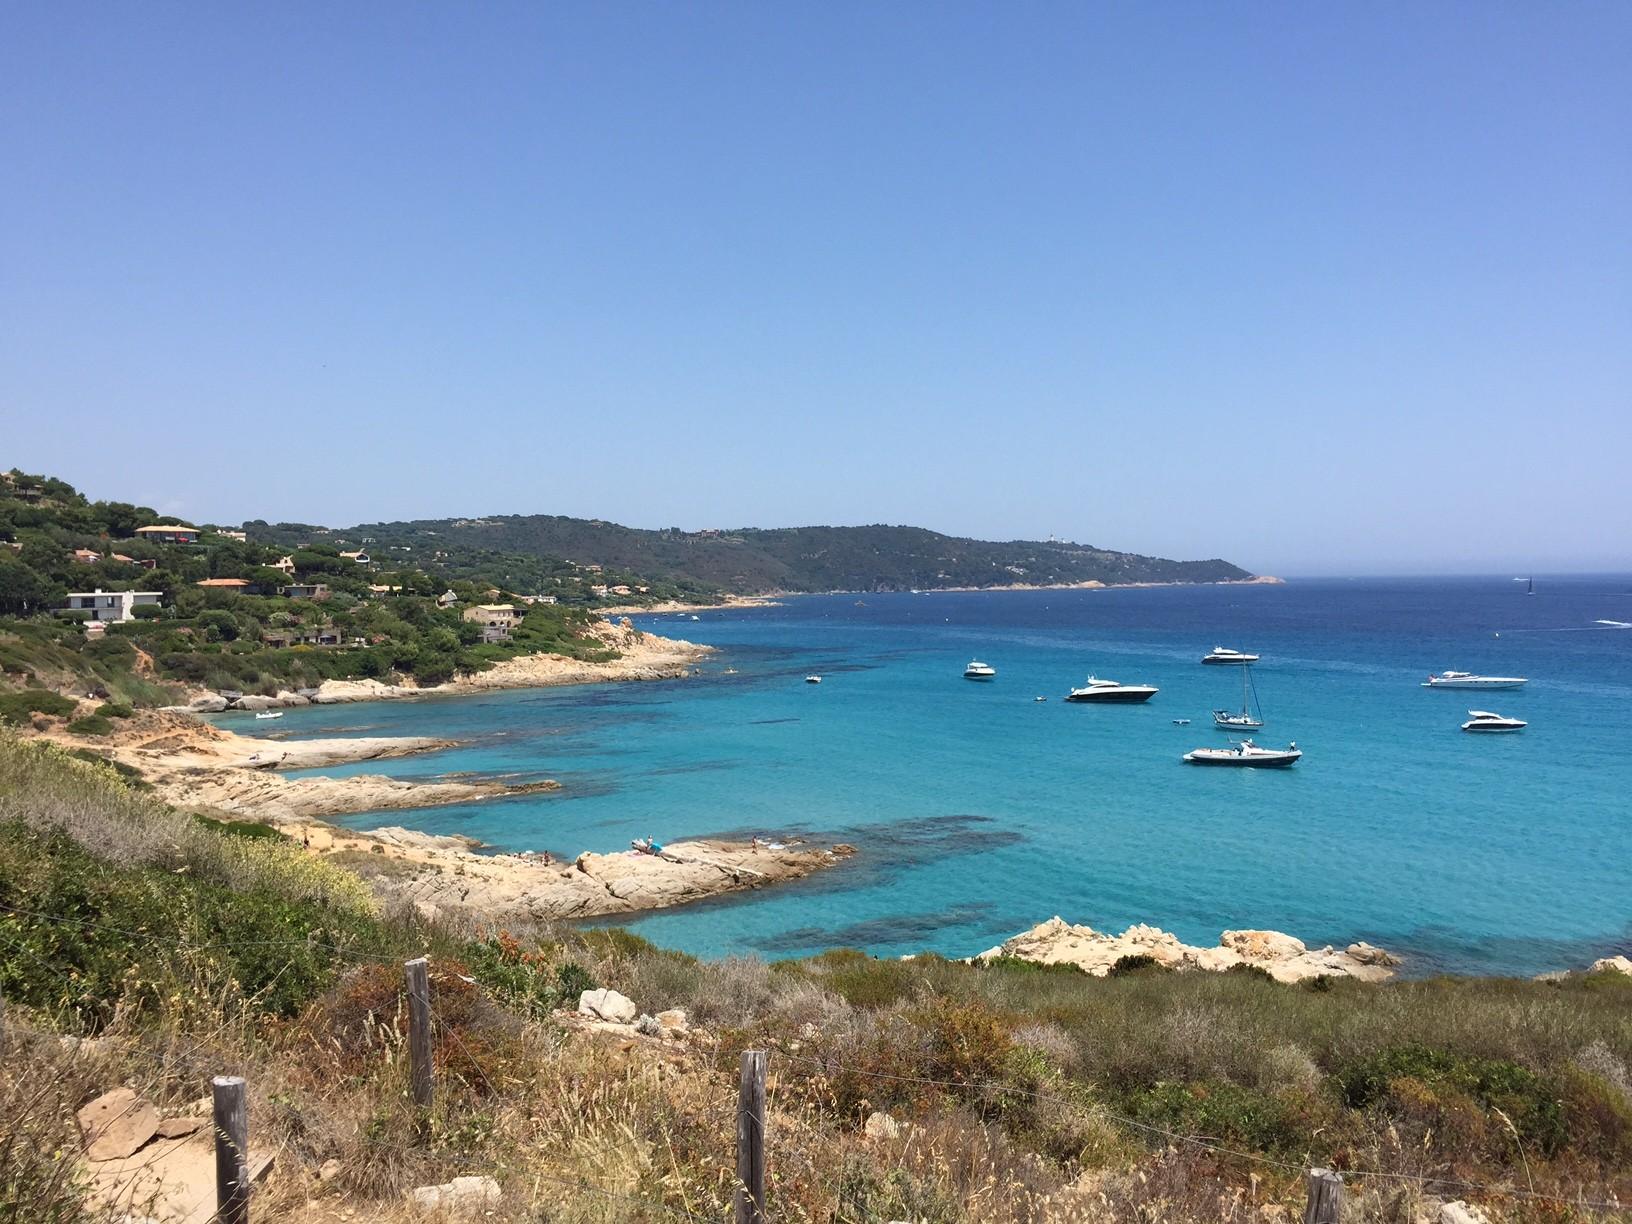 Conheça Ramatuelle, a vizinha tranquila de St. Tropez